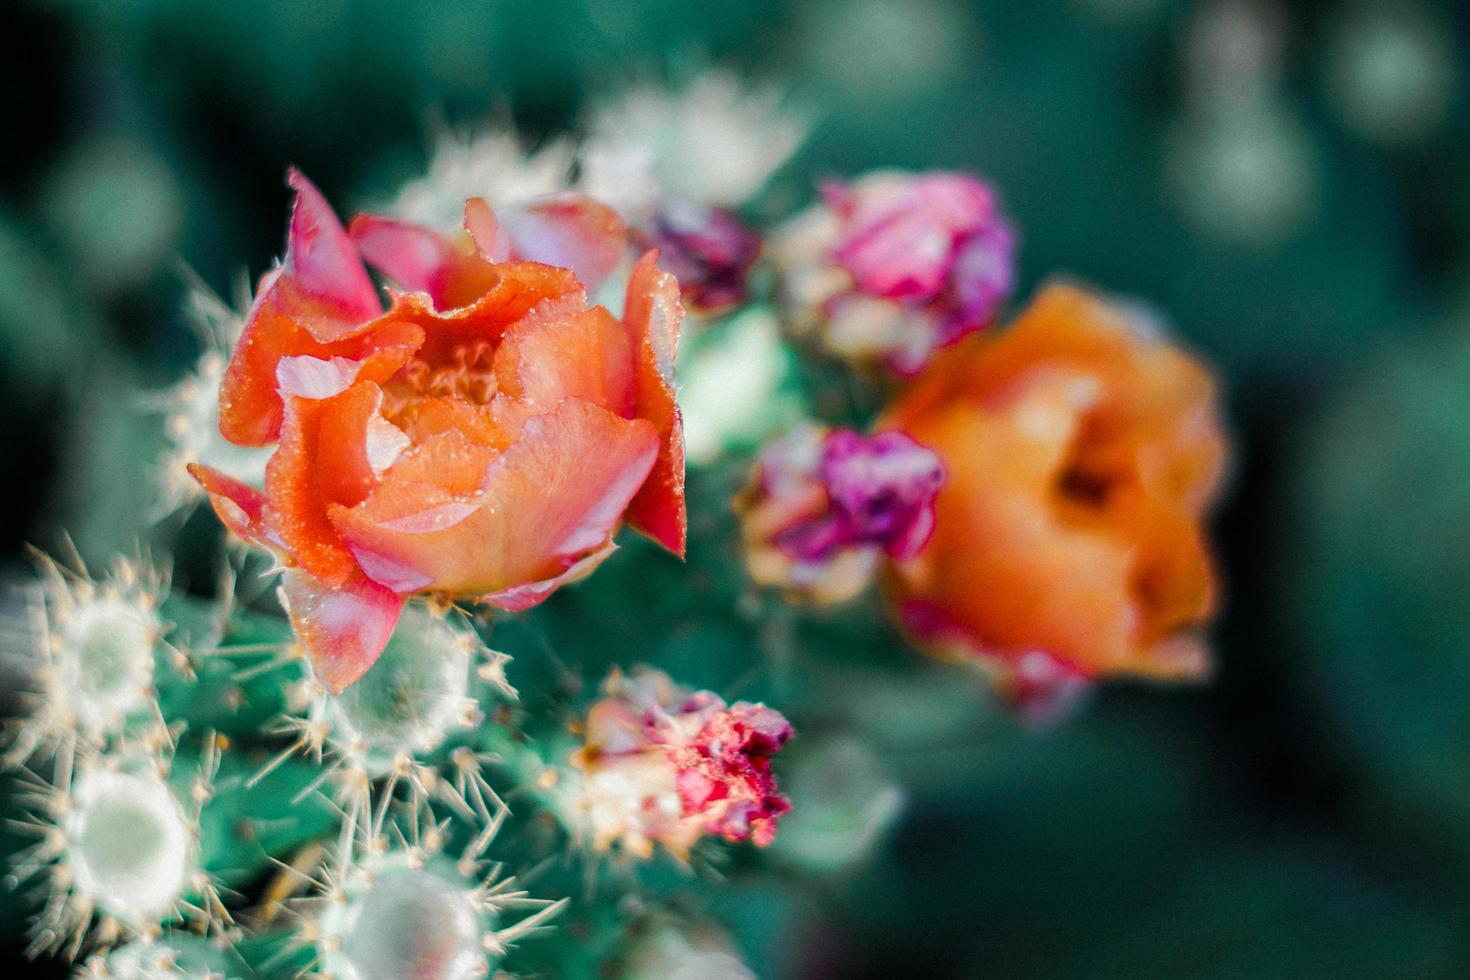 fleurs orange et roses sur cactus photo